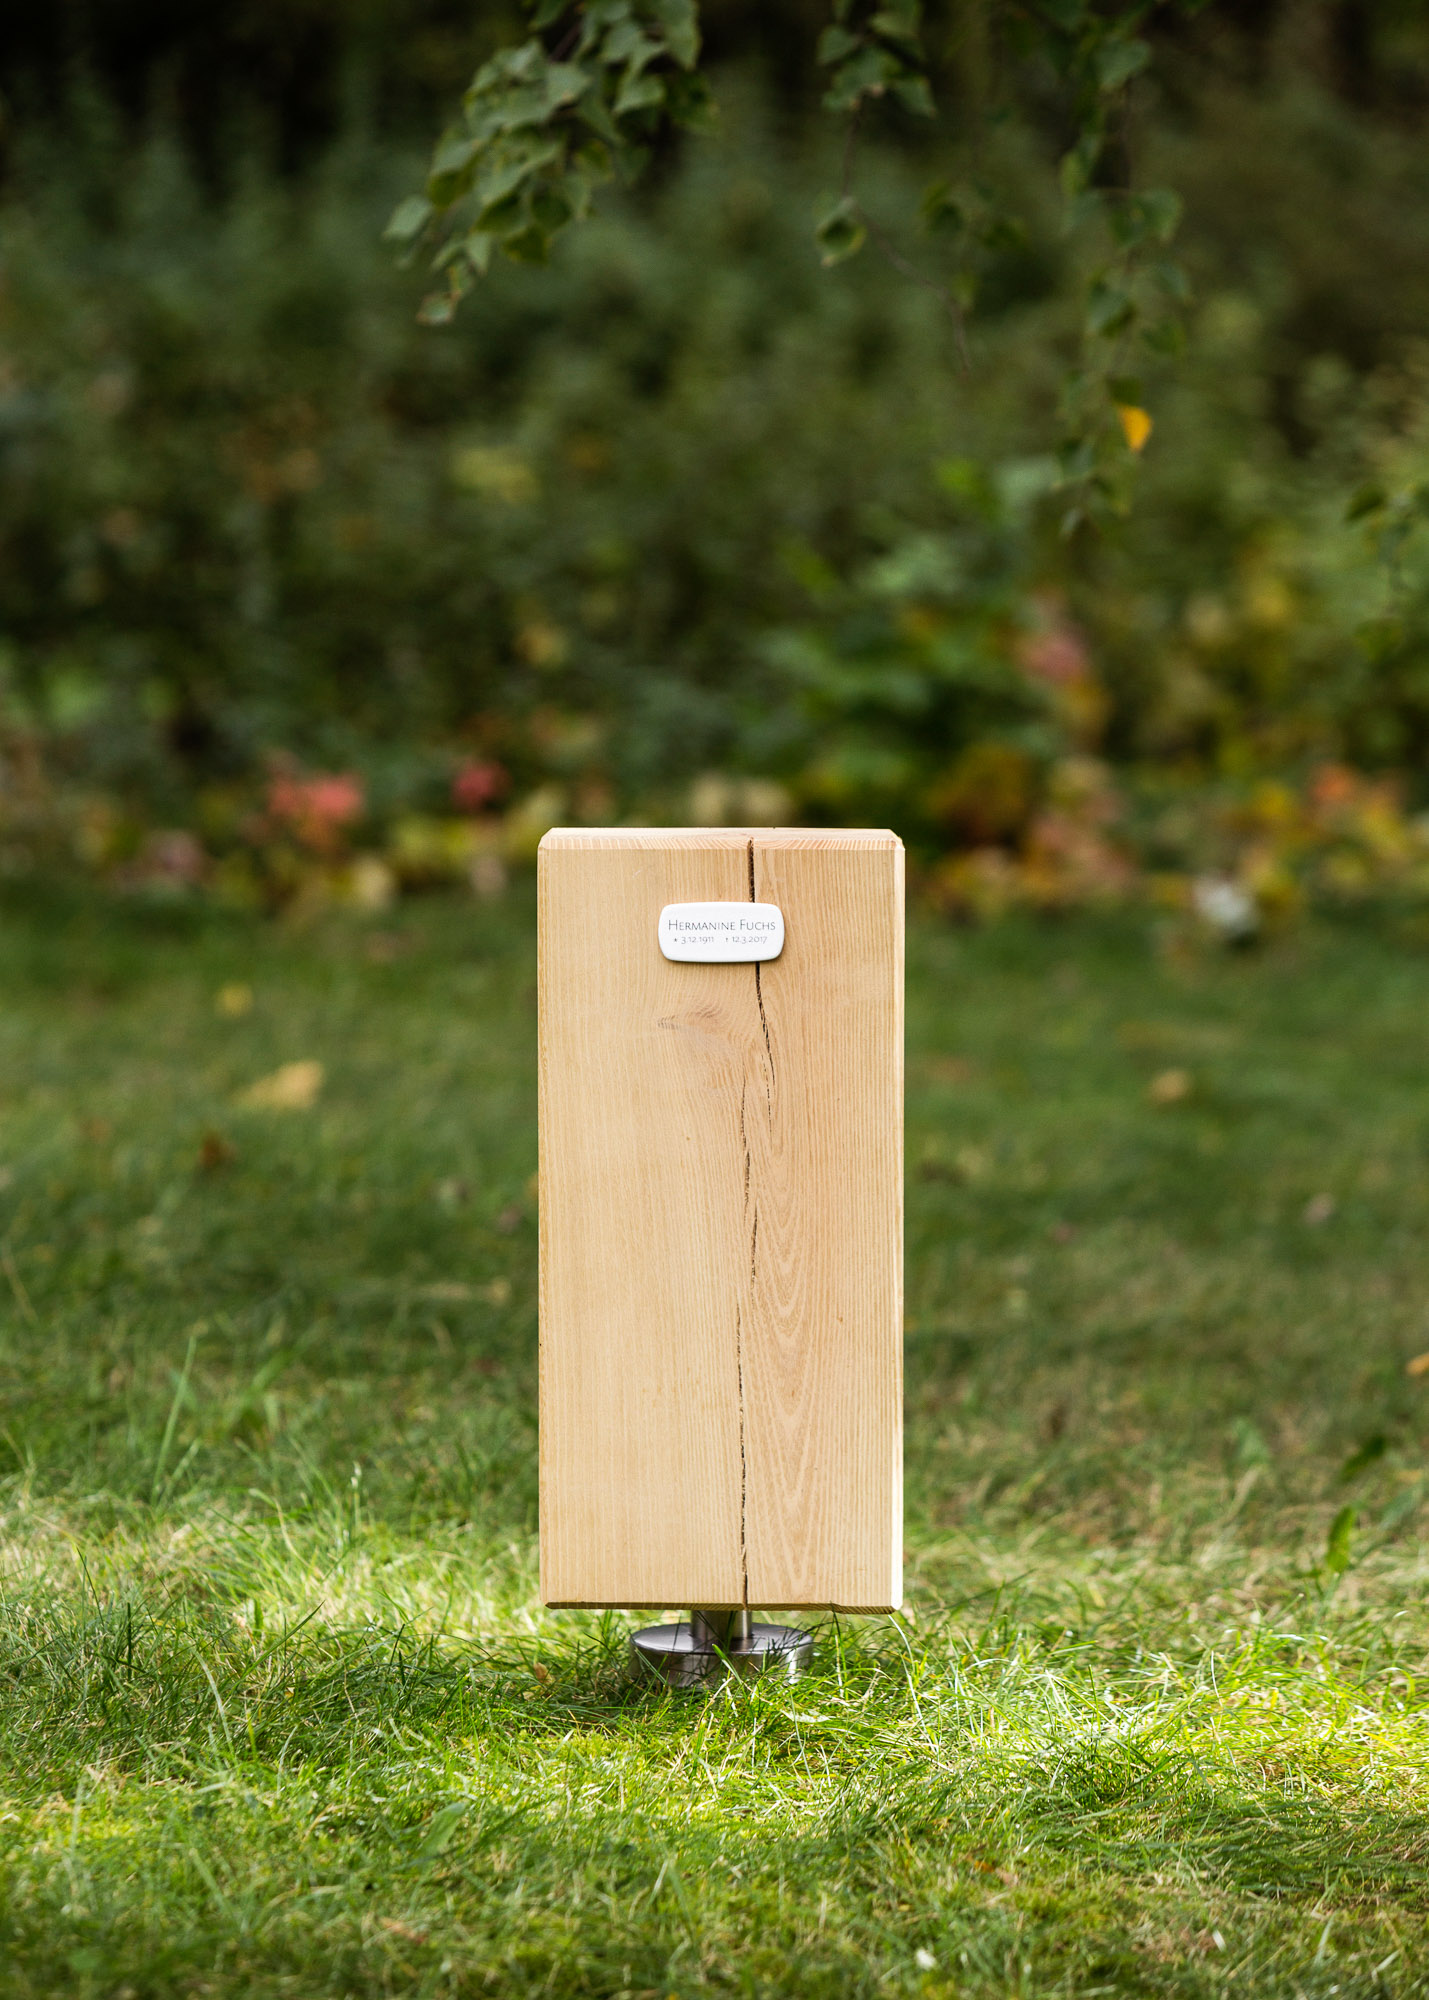 Holz-Block und Emaille-Schild als Alternative zum Grabstein für Einzelgrabstellen